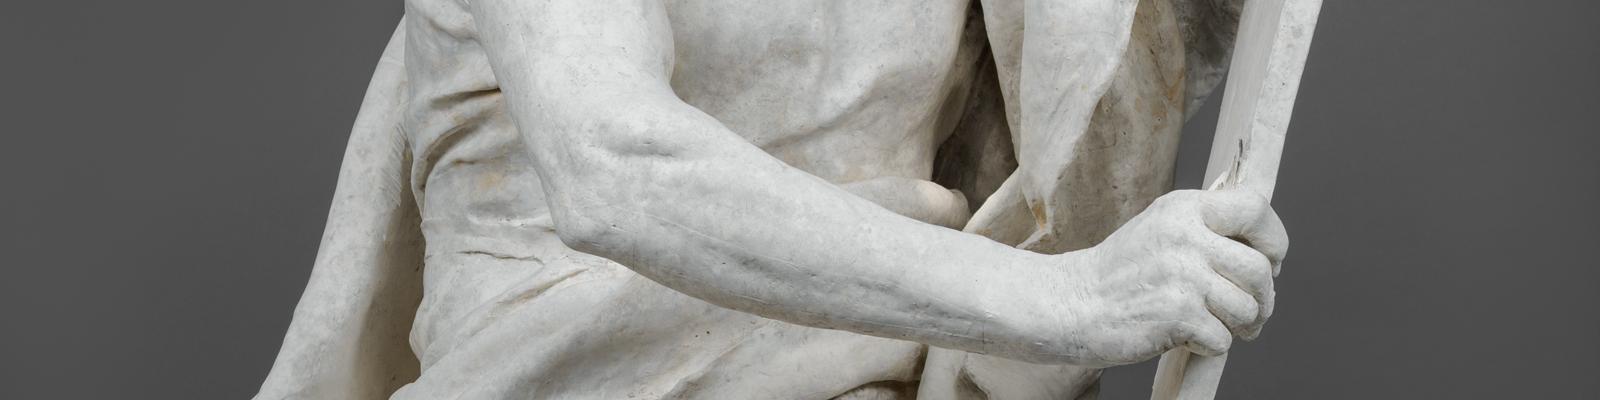 La sculpture au temps de Camille Claudel